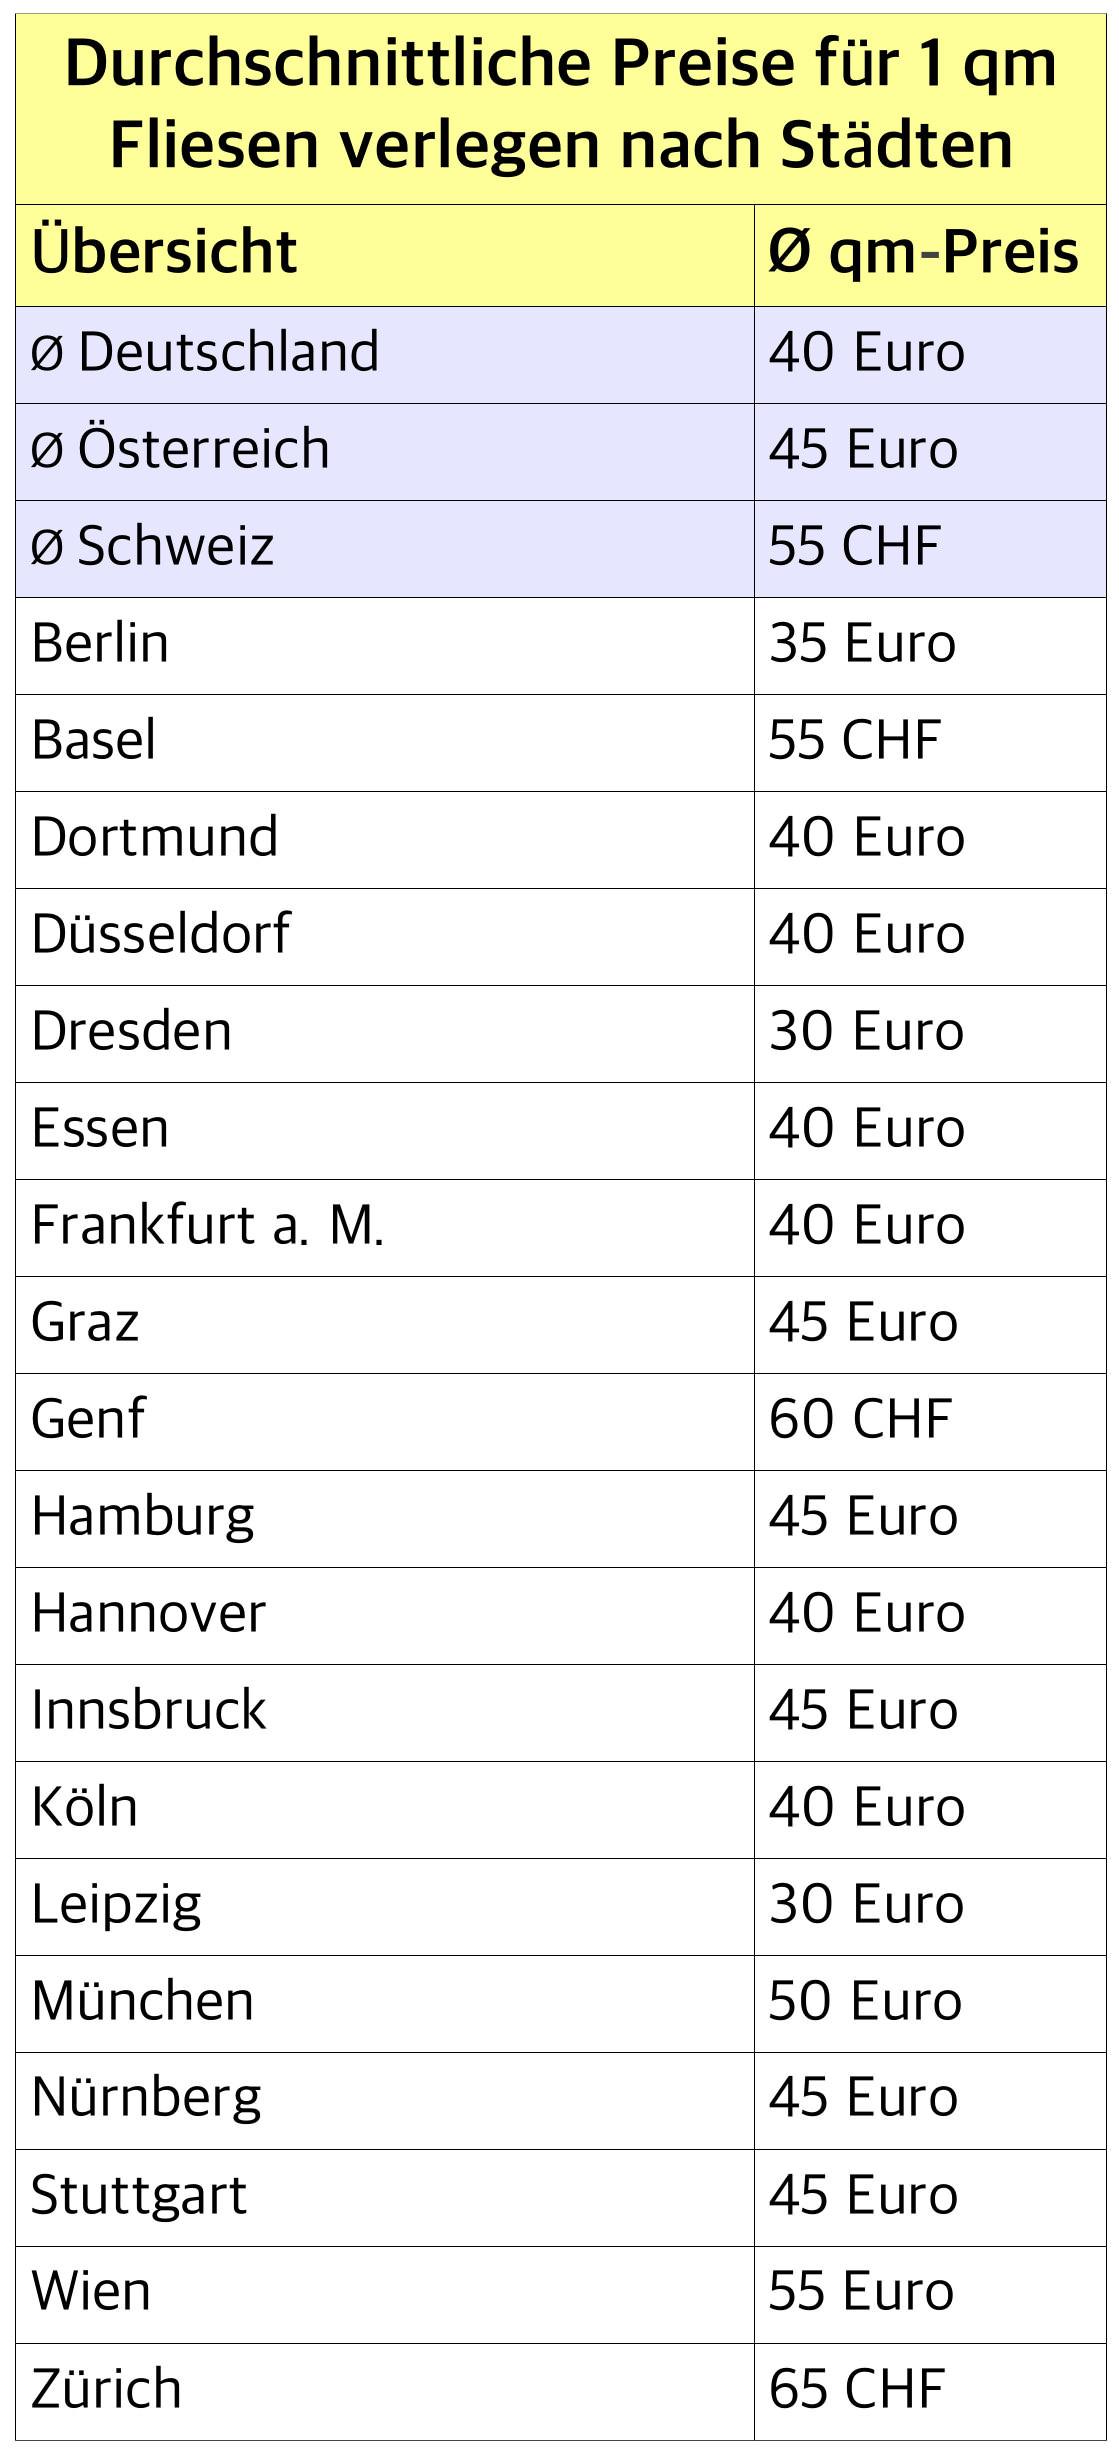 Die Fliesenleger Kosten pro m2 können von Stadt zu Stadt sehr unterschiedlich ausfallen.